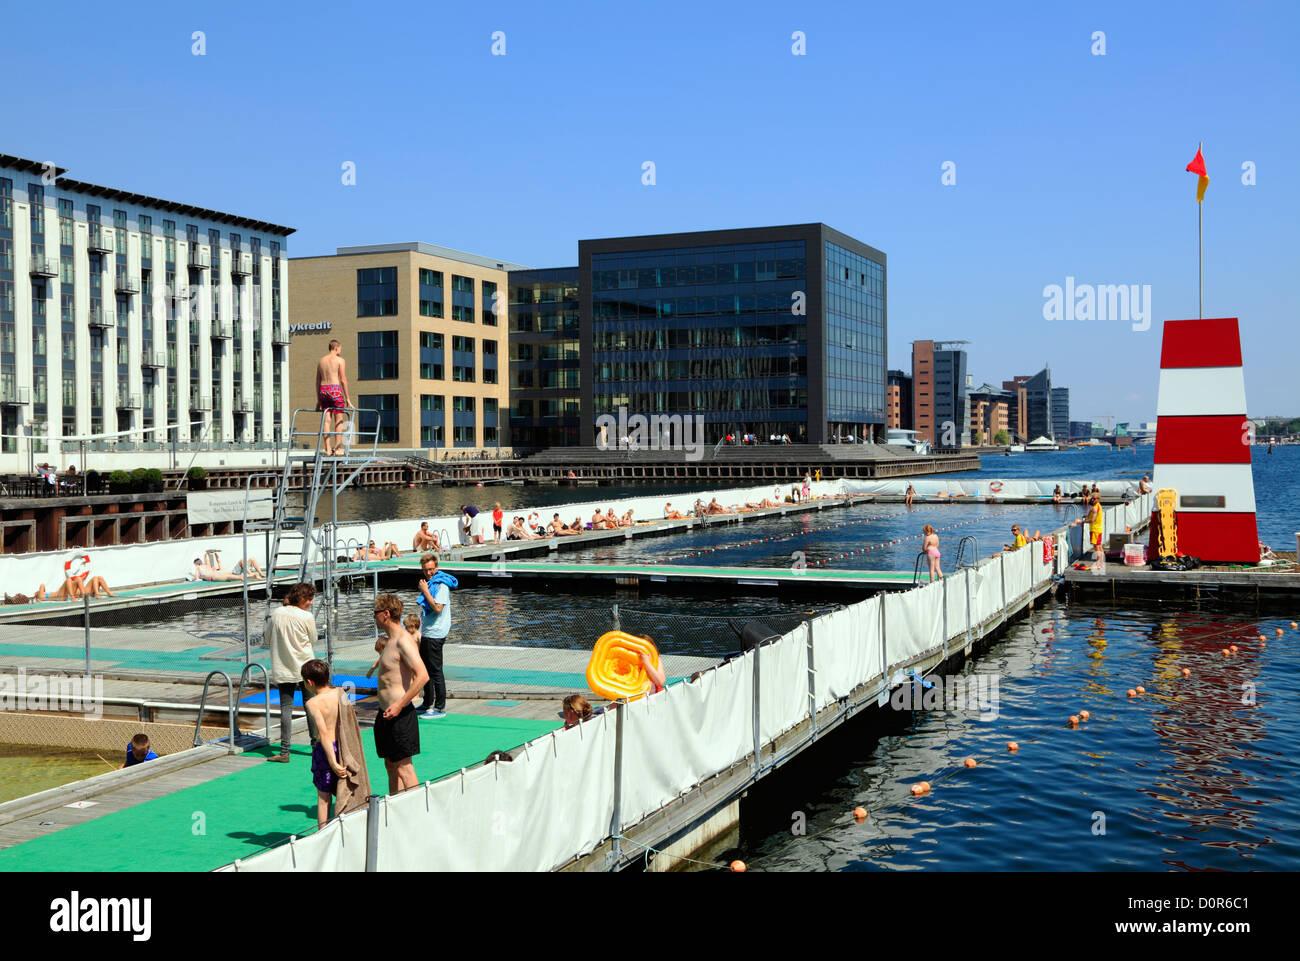 Fisketorvet Copenhagen Stock Photos Fisketorvet Copenhagen Stock